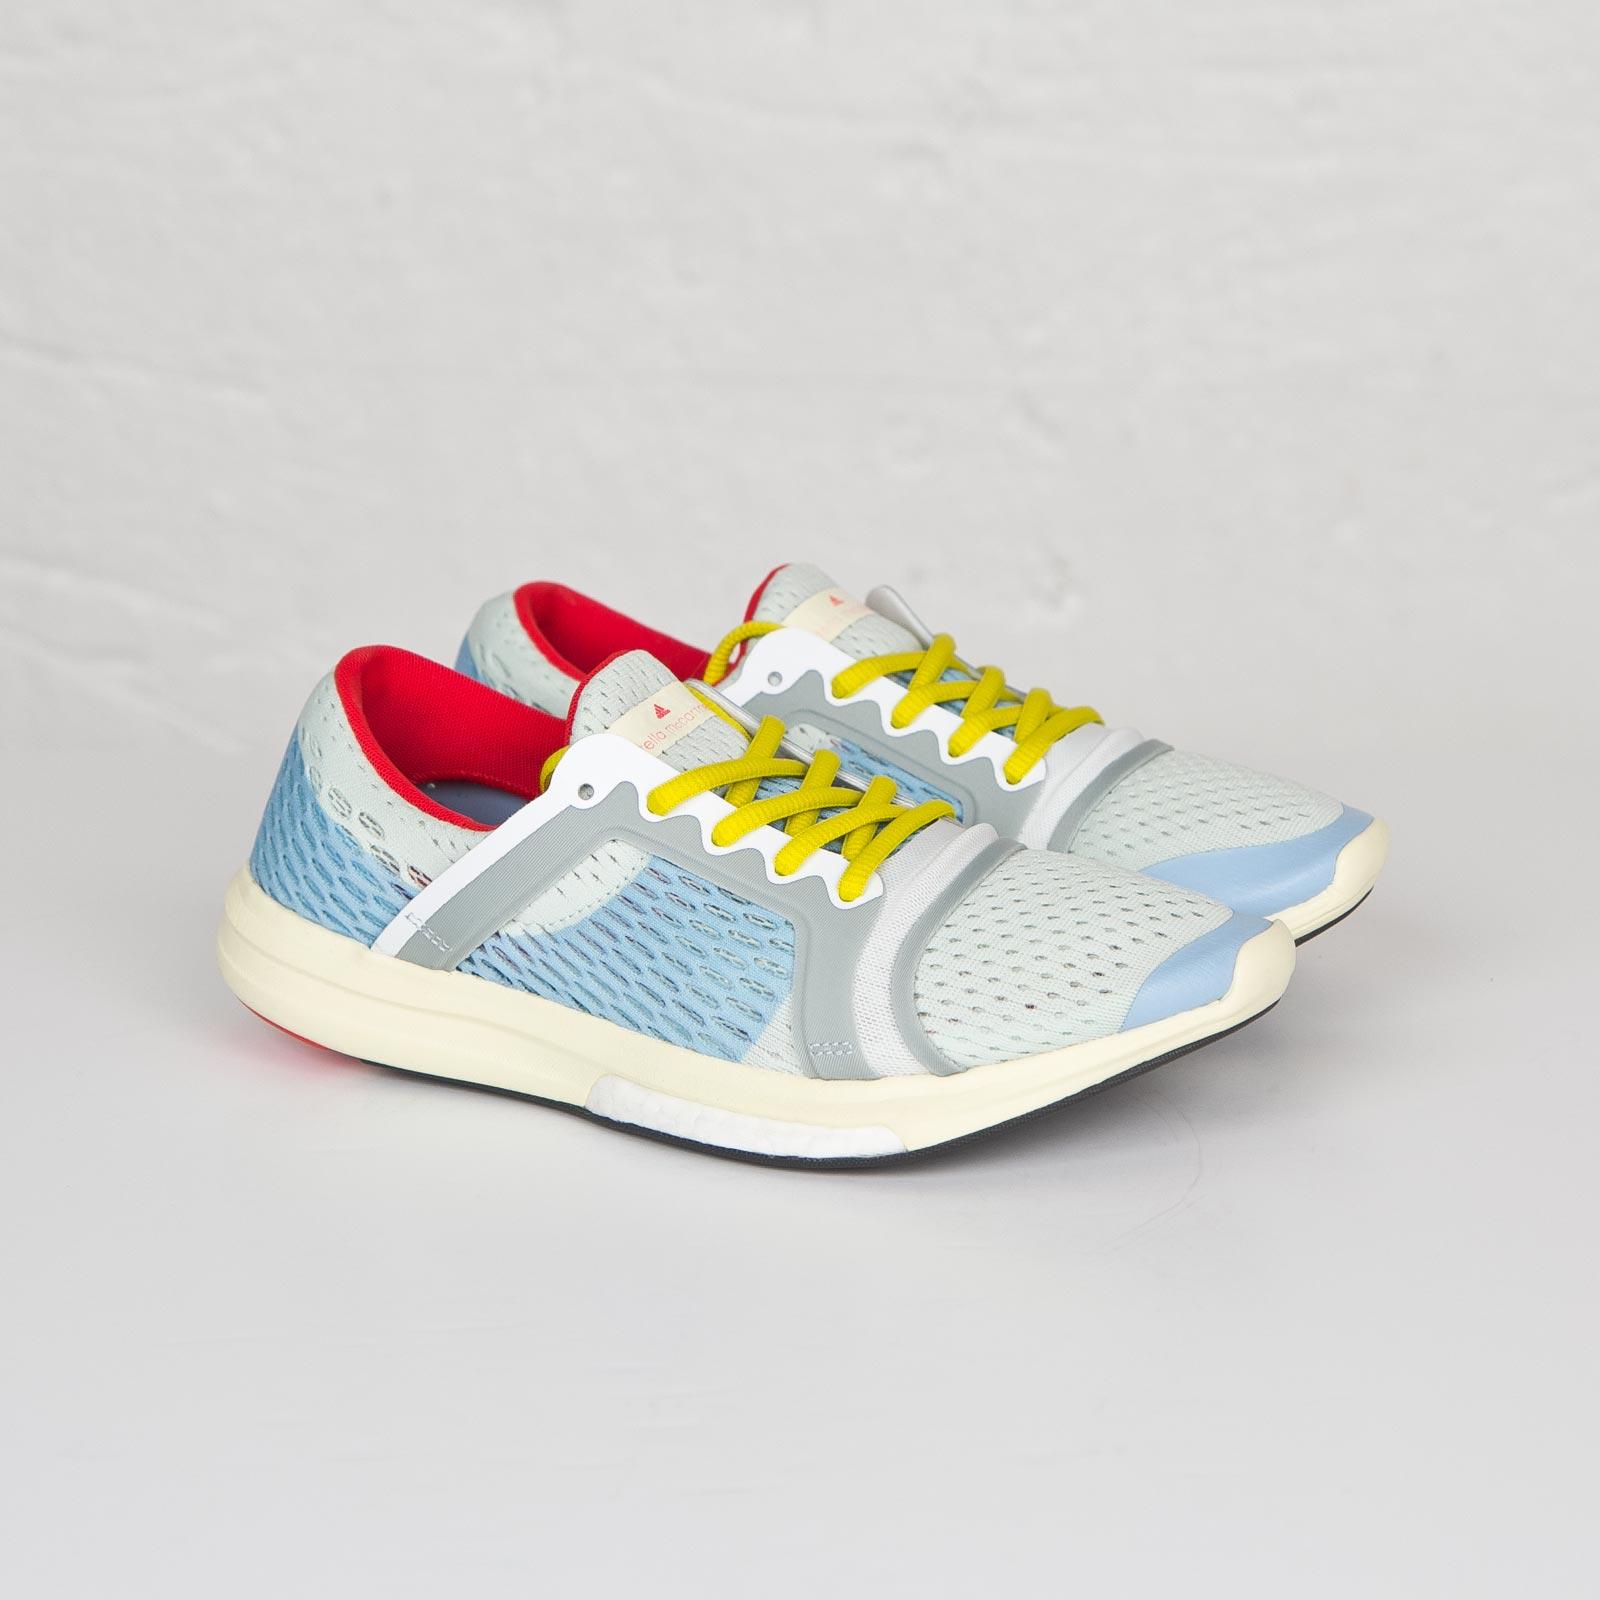 quality design ef039 9daa8 adidas Climacool